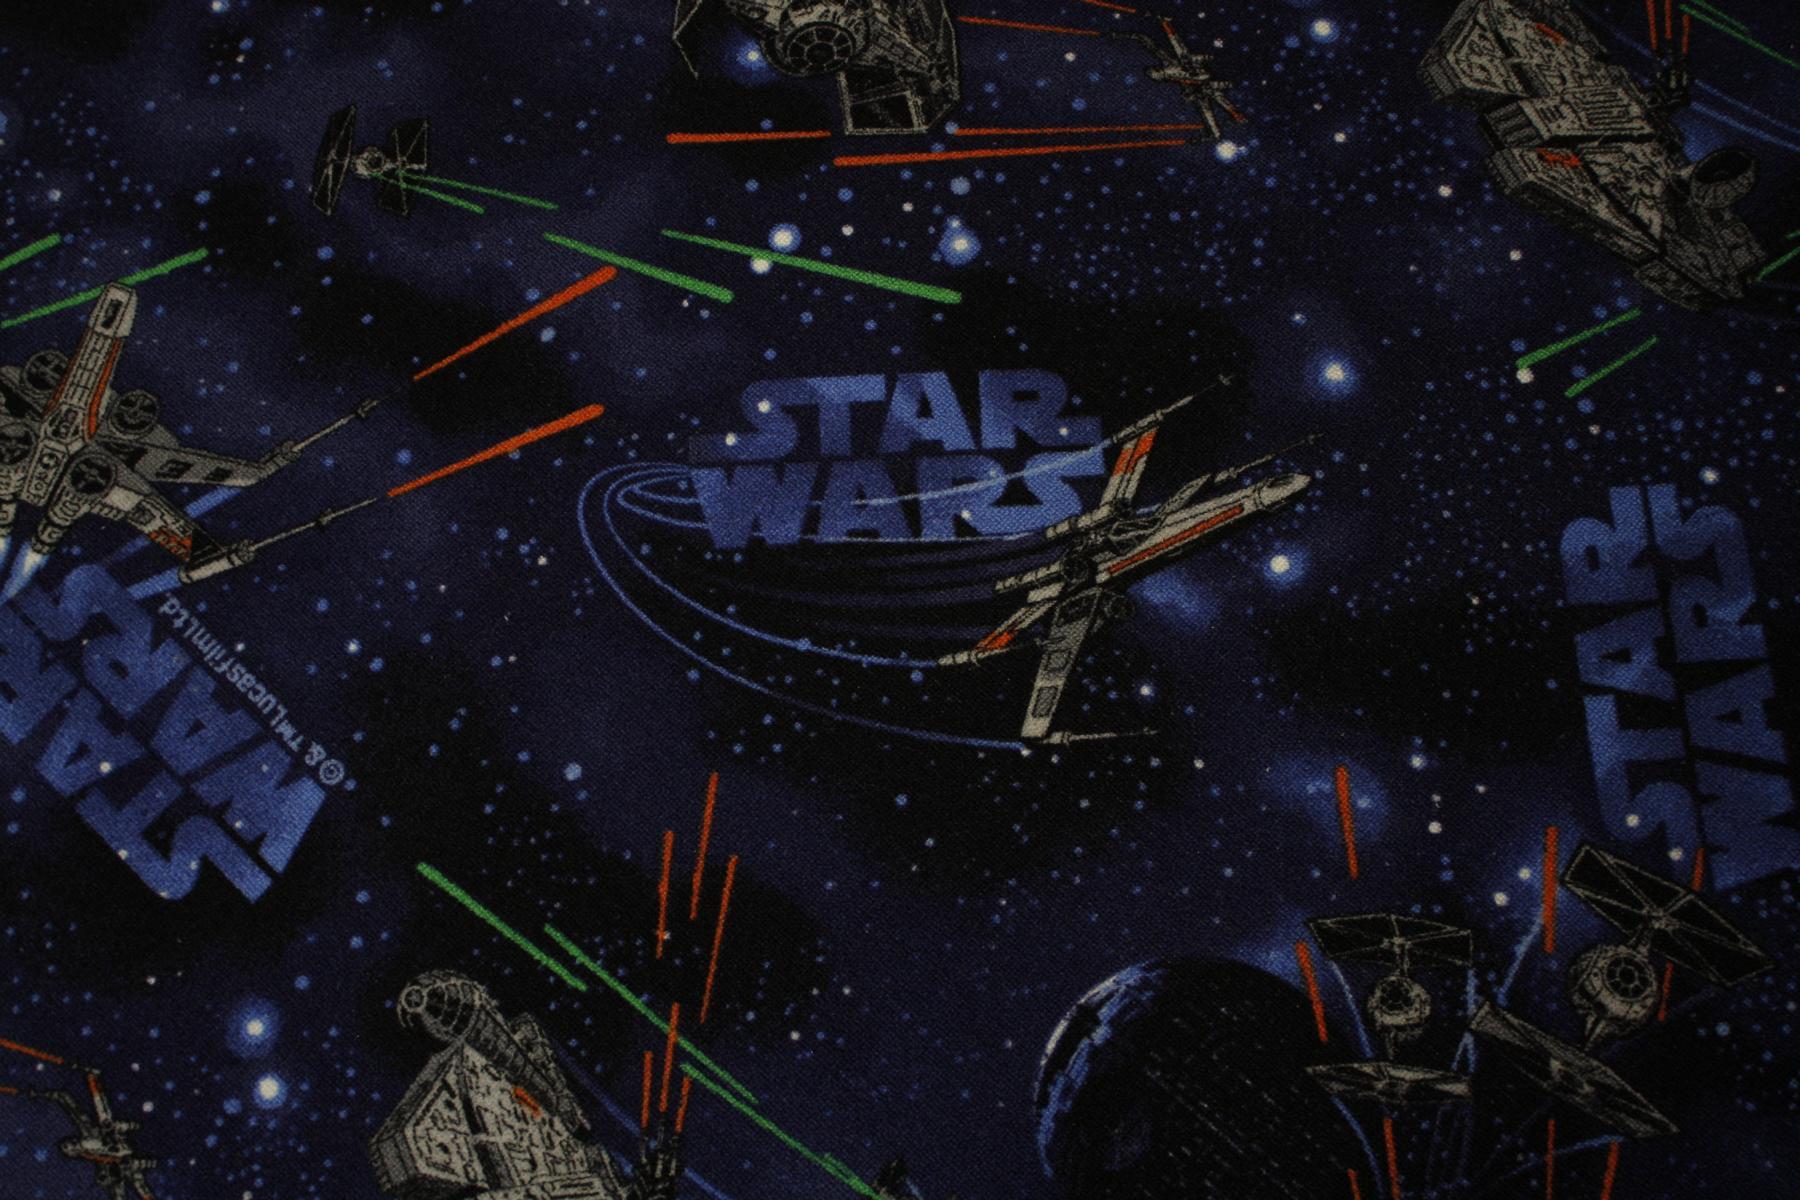 Tappeto Bambini Tappeto da gioco Star Wars blu scuro